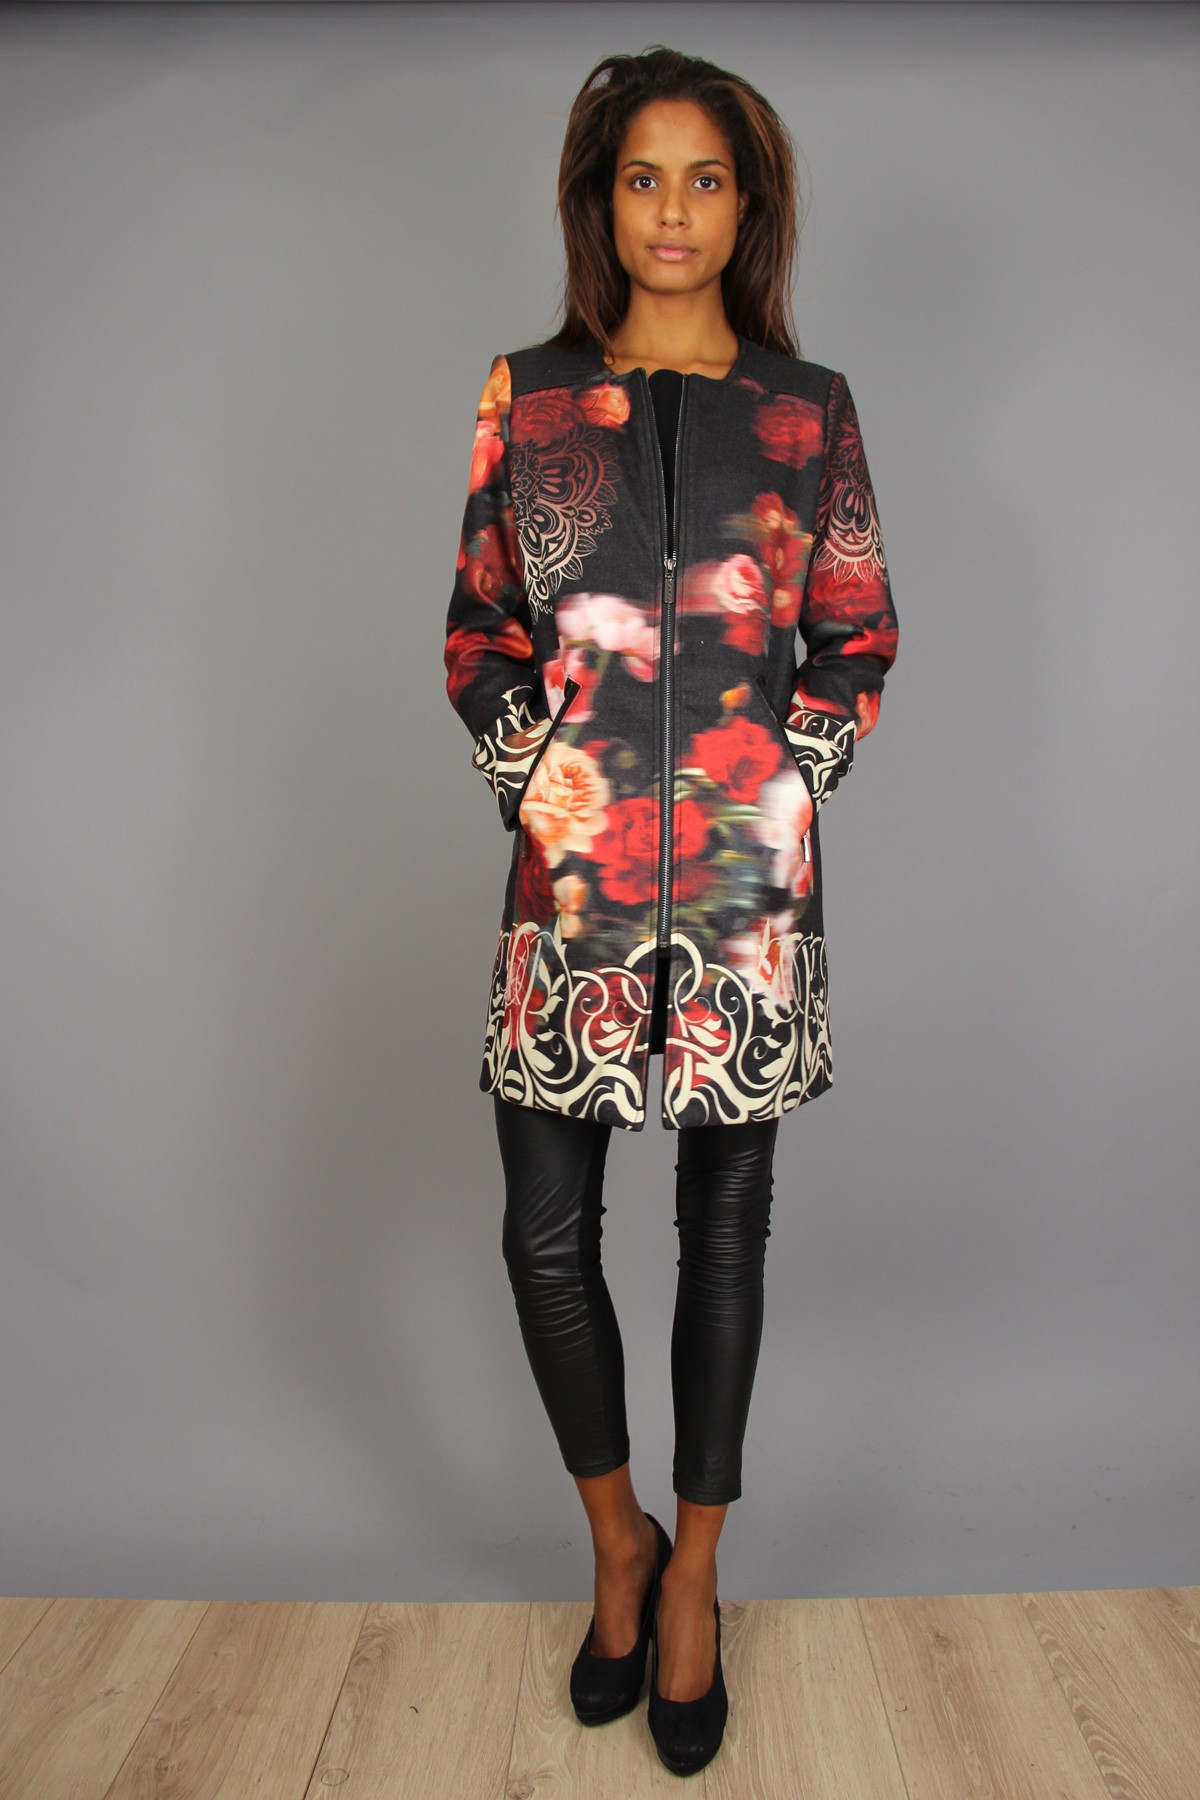 Manteau 101 idées femme zippé à imprimé graphique rose S au LXL